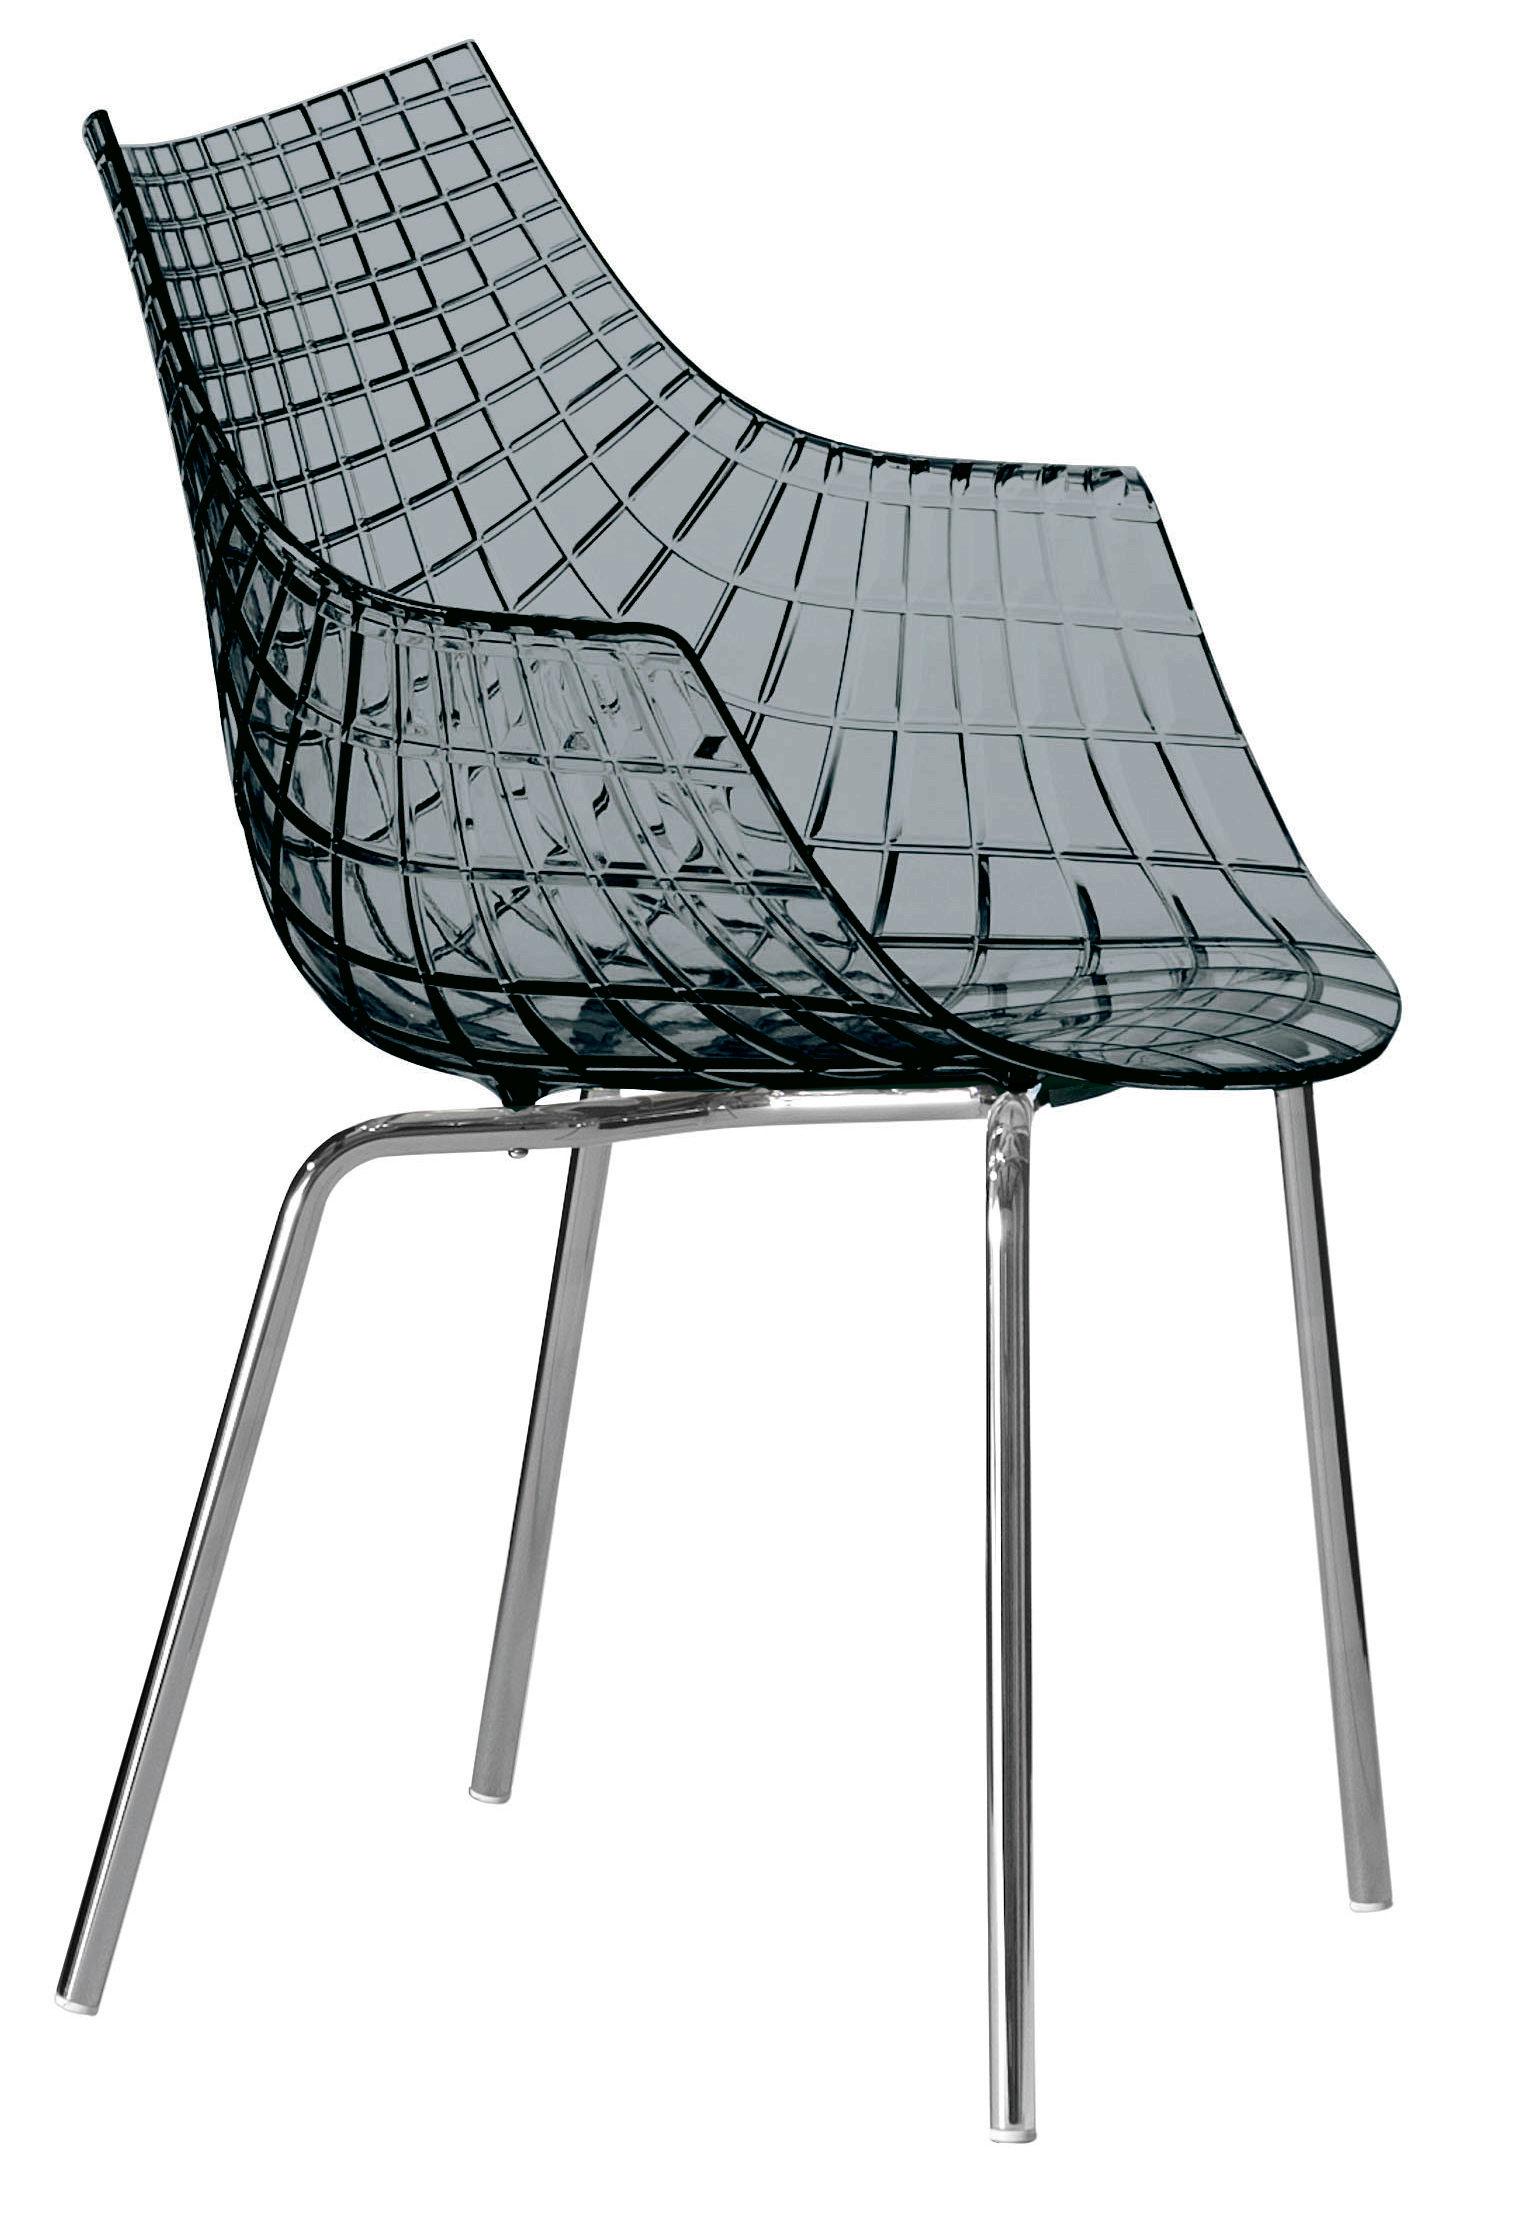 Arredamento - Sedie  - Poltrona Meridiana - 4 gambe di Driade - Grigio trasparente - Acciaio cromato, policarbonato